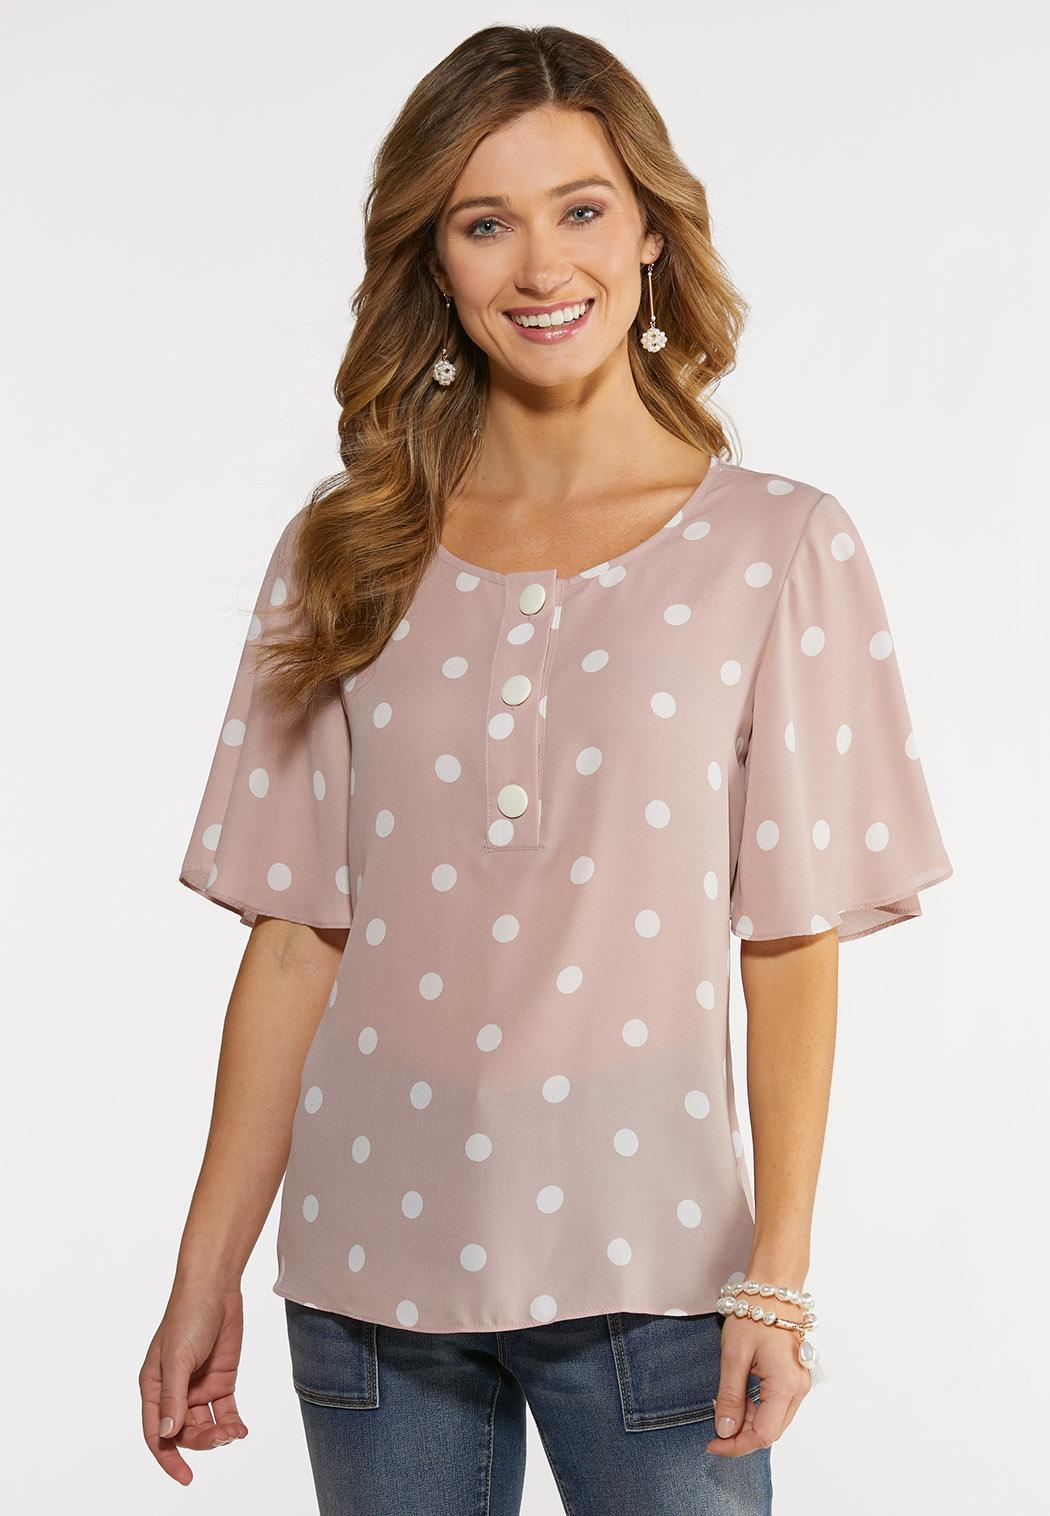 Plus Size Polka Dot Button Top